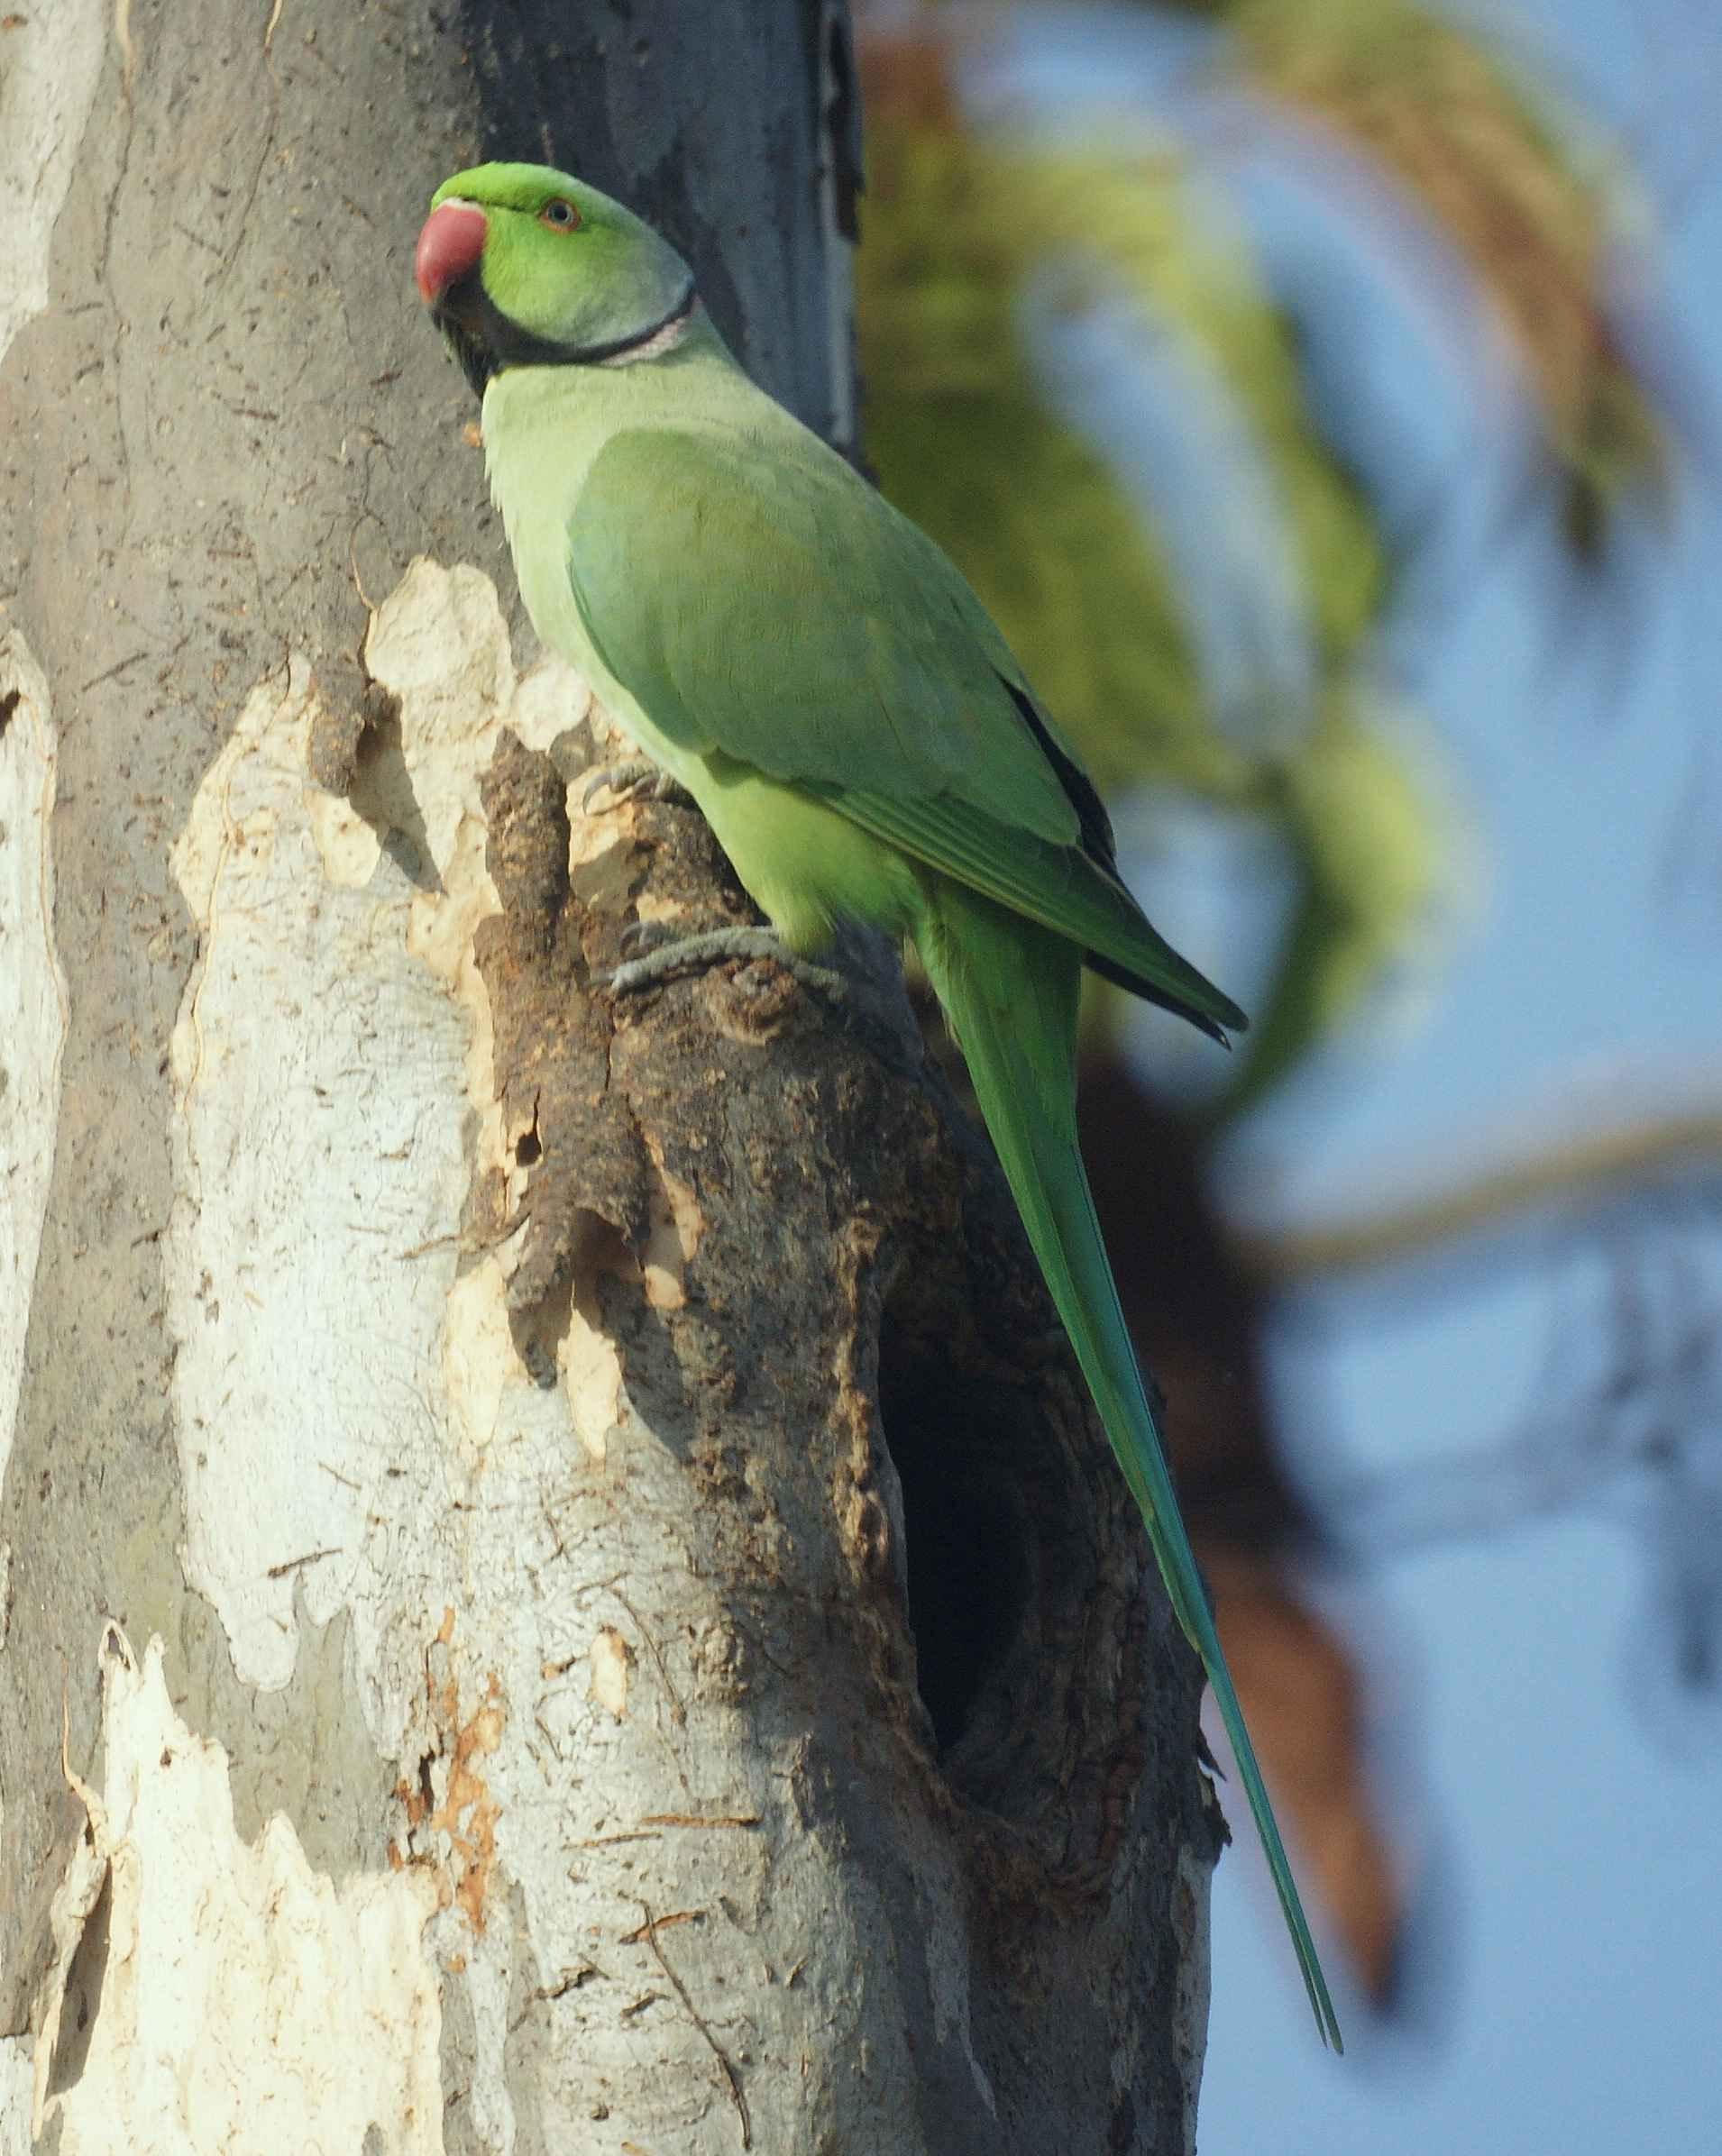 تصاویر ملنگو سبز (طوطی کوچک اسکندر)